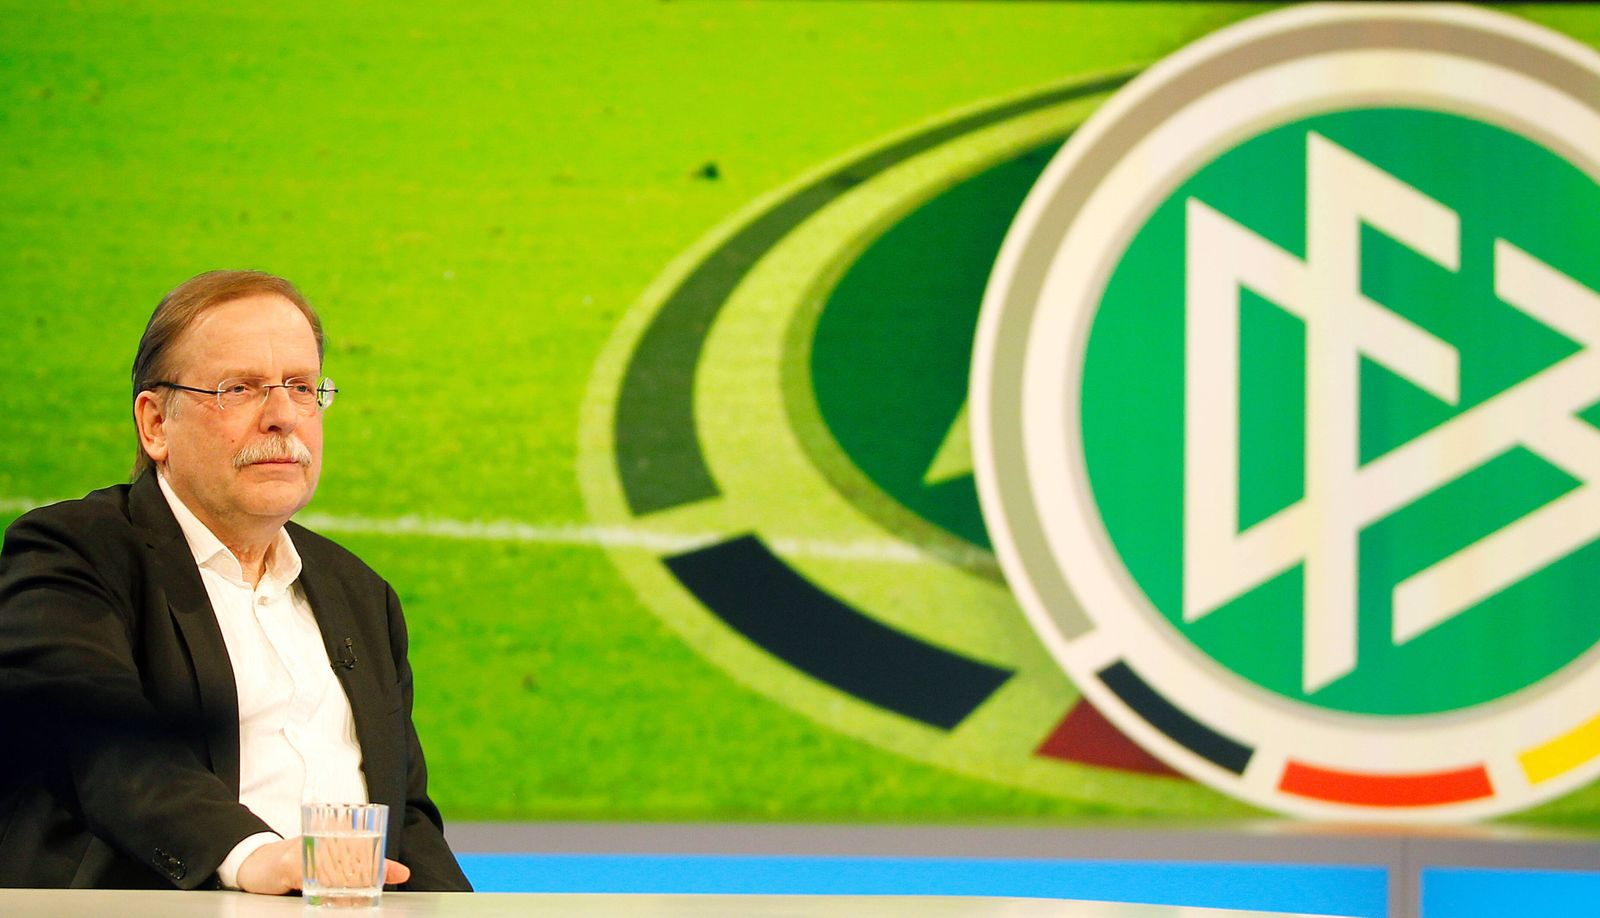 Dr. Rainer Koch, Vize-Präsident des Deutschen Fußball-Bundes (DFB) und Präsident des Bayerischen Fußball-Verbandes (BFV